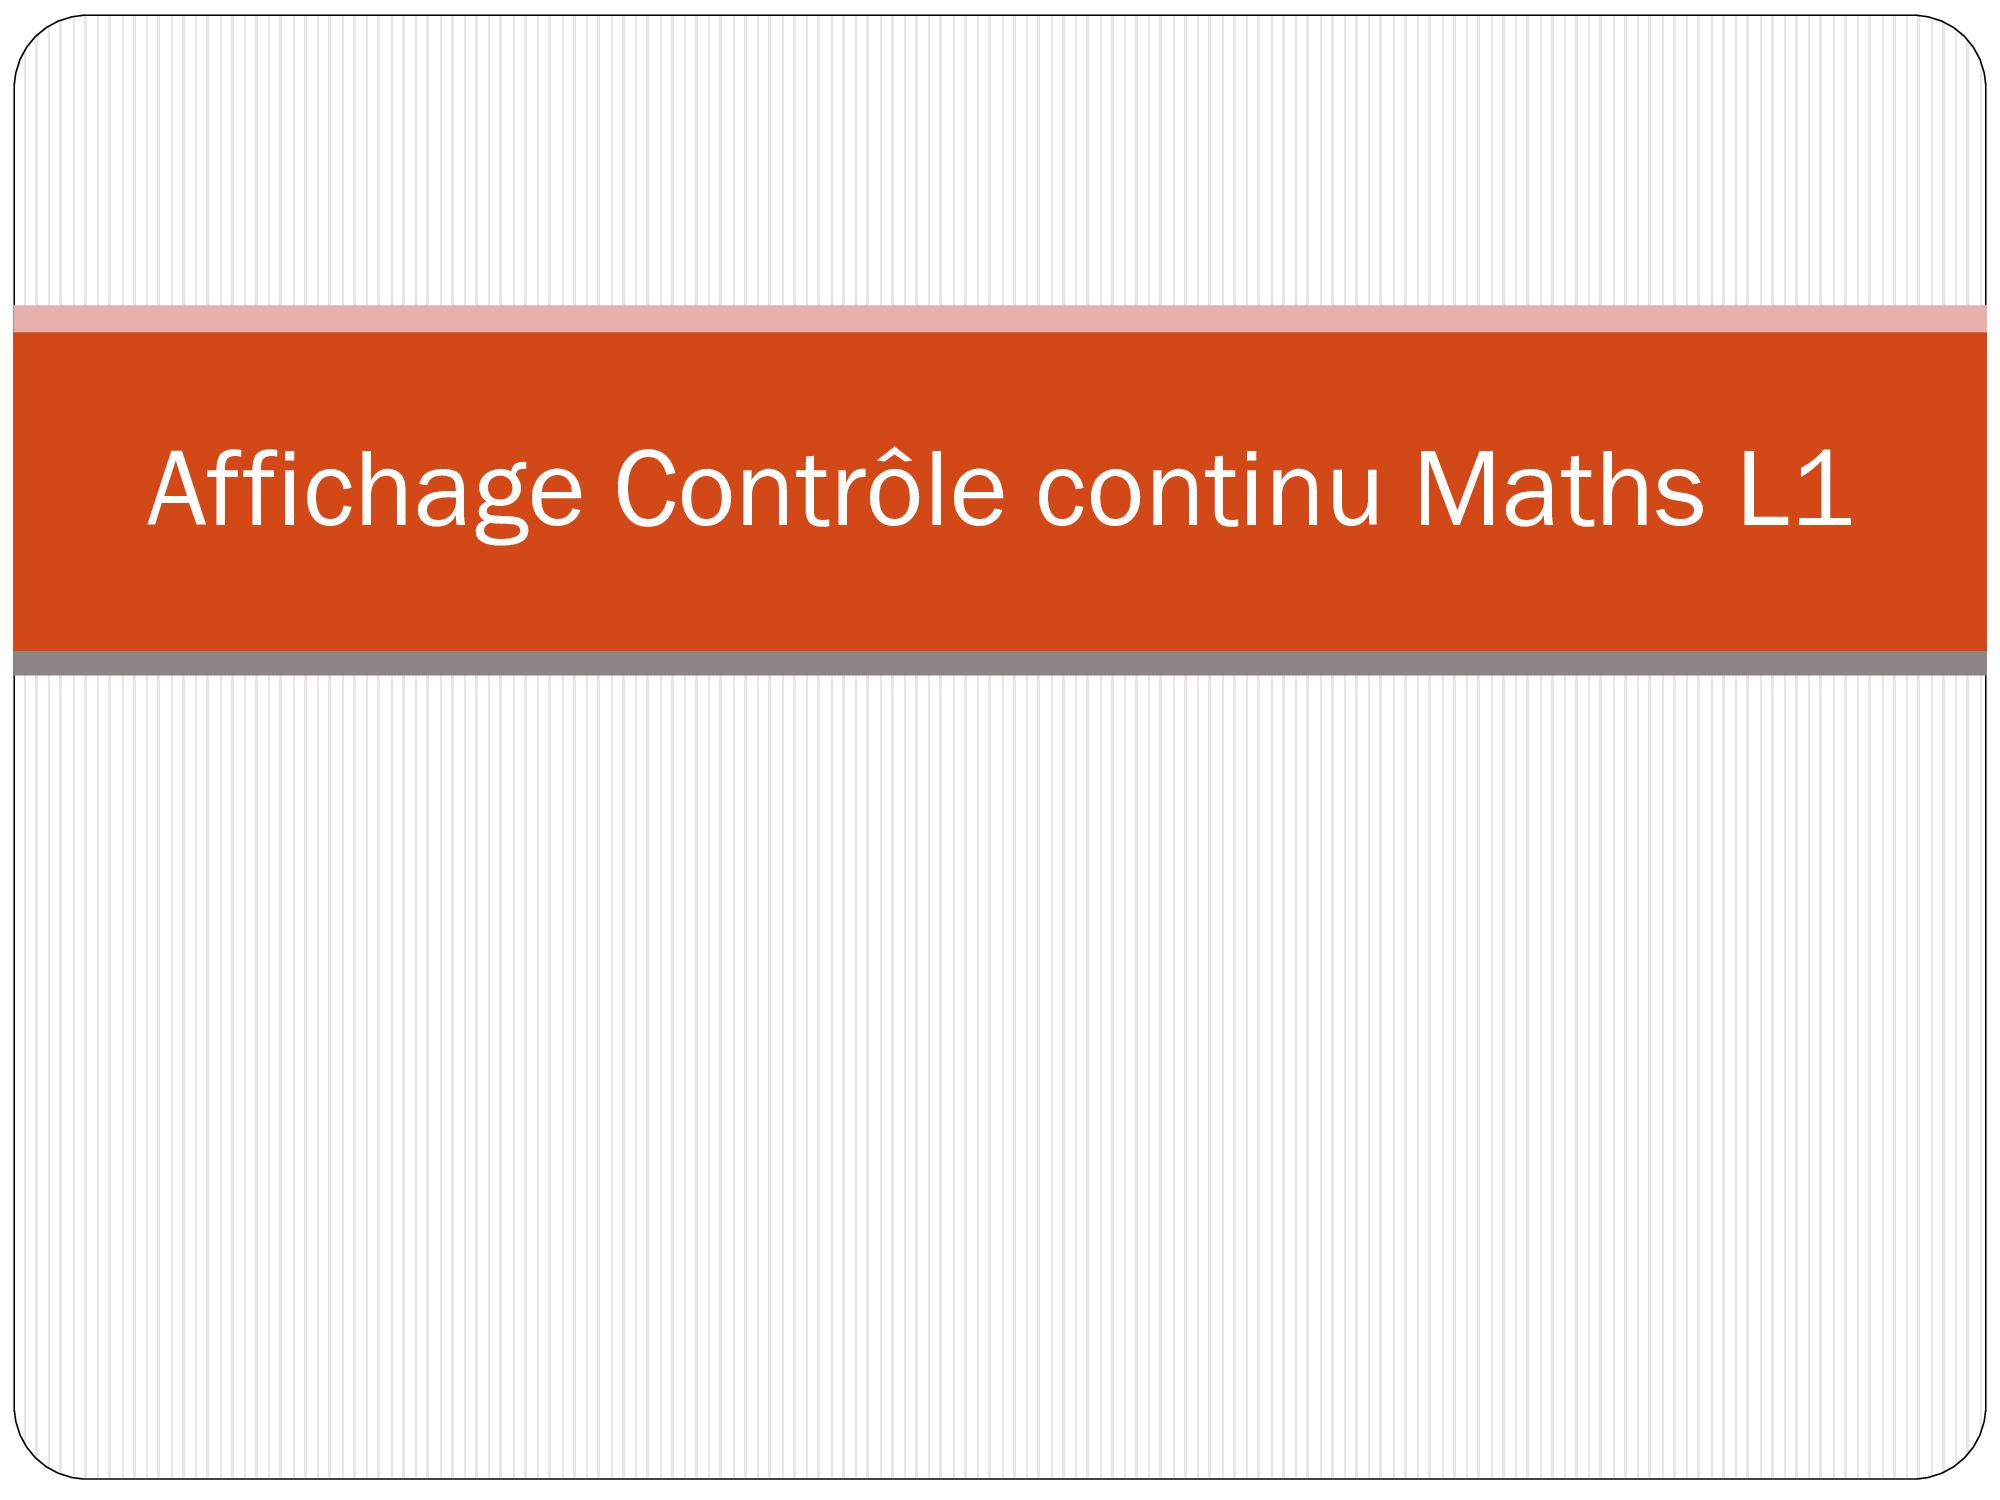 Affichage-Contrôle-continu-Maths-L1